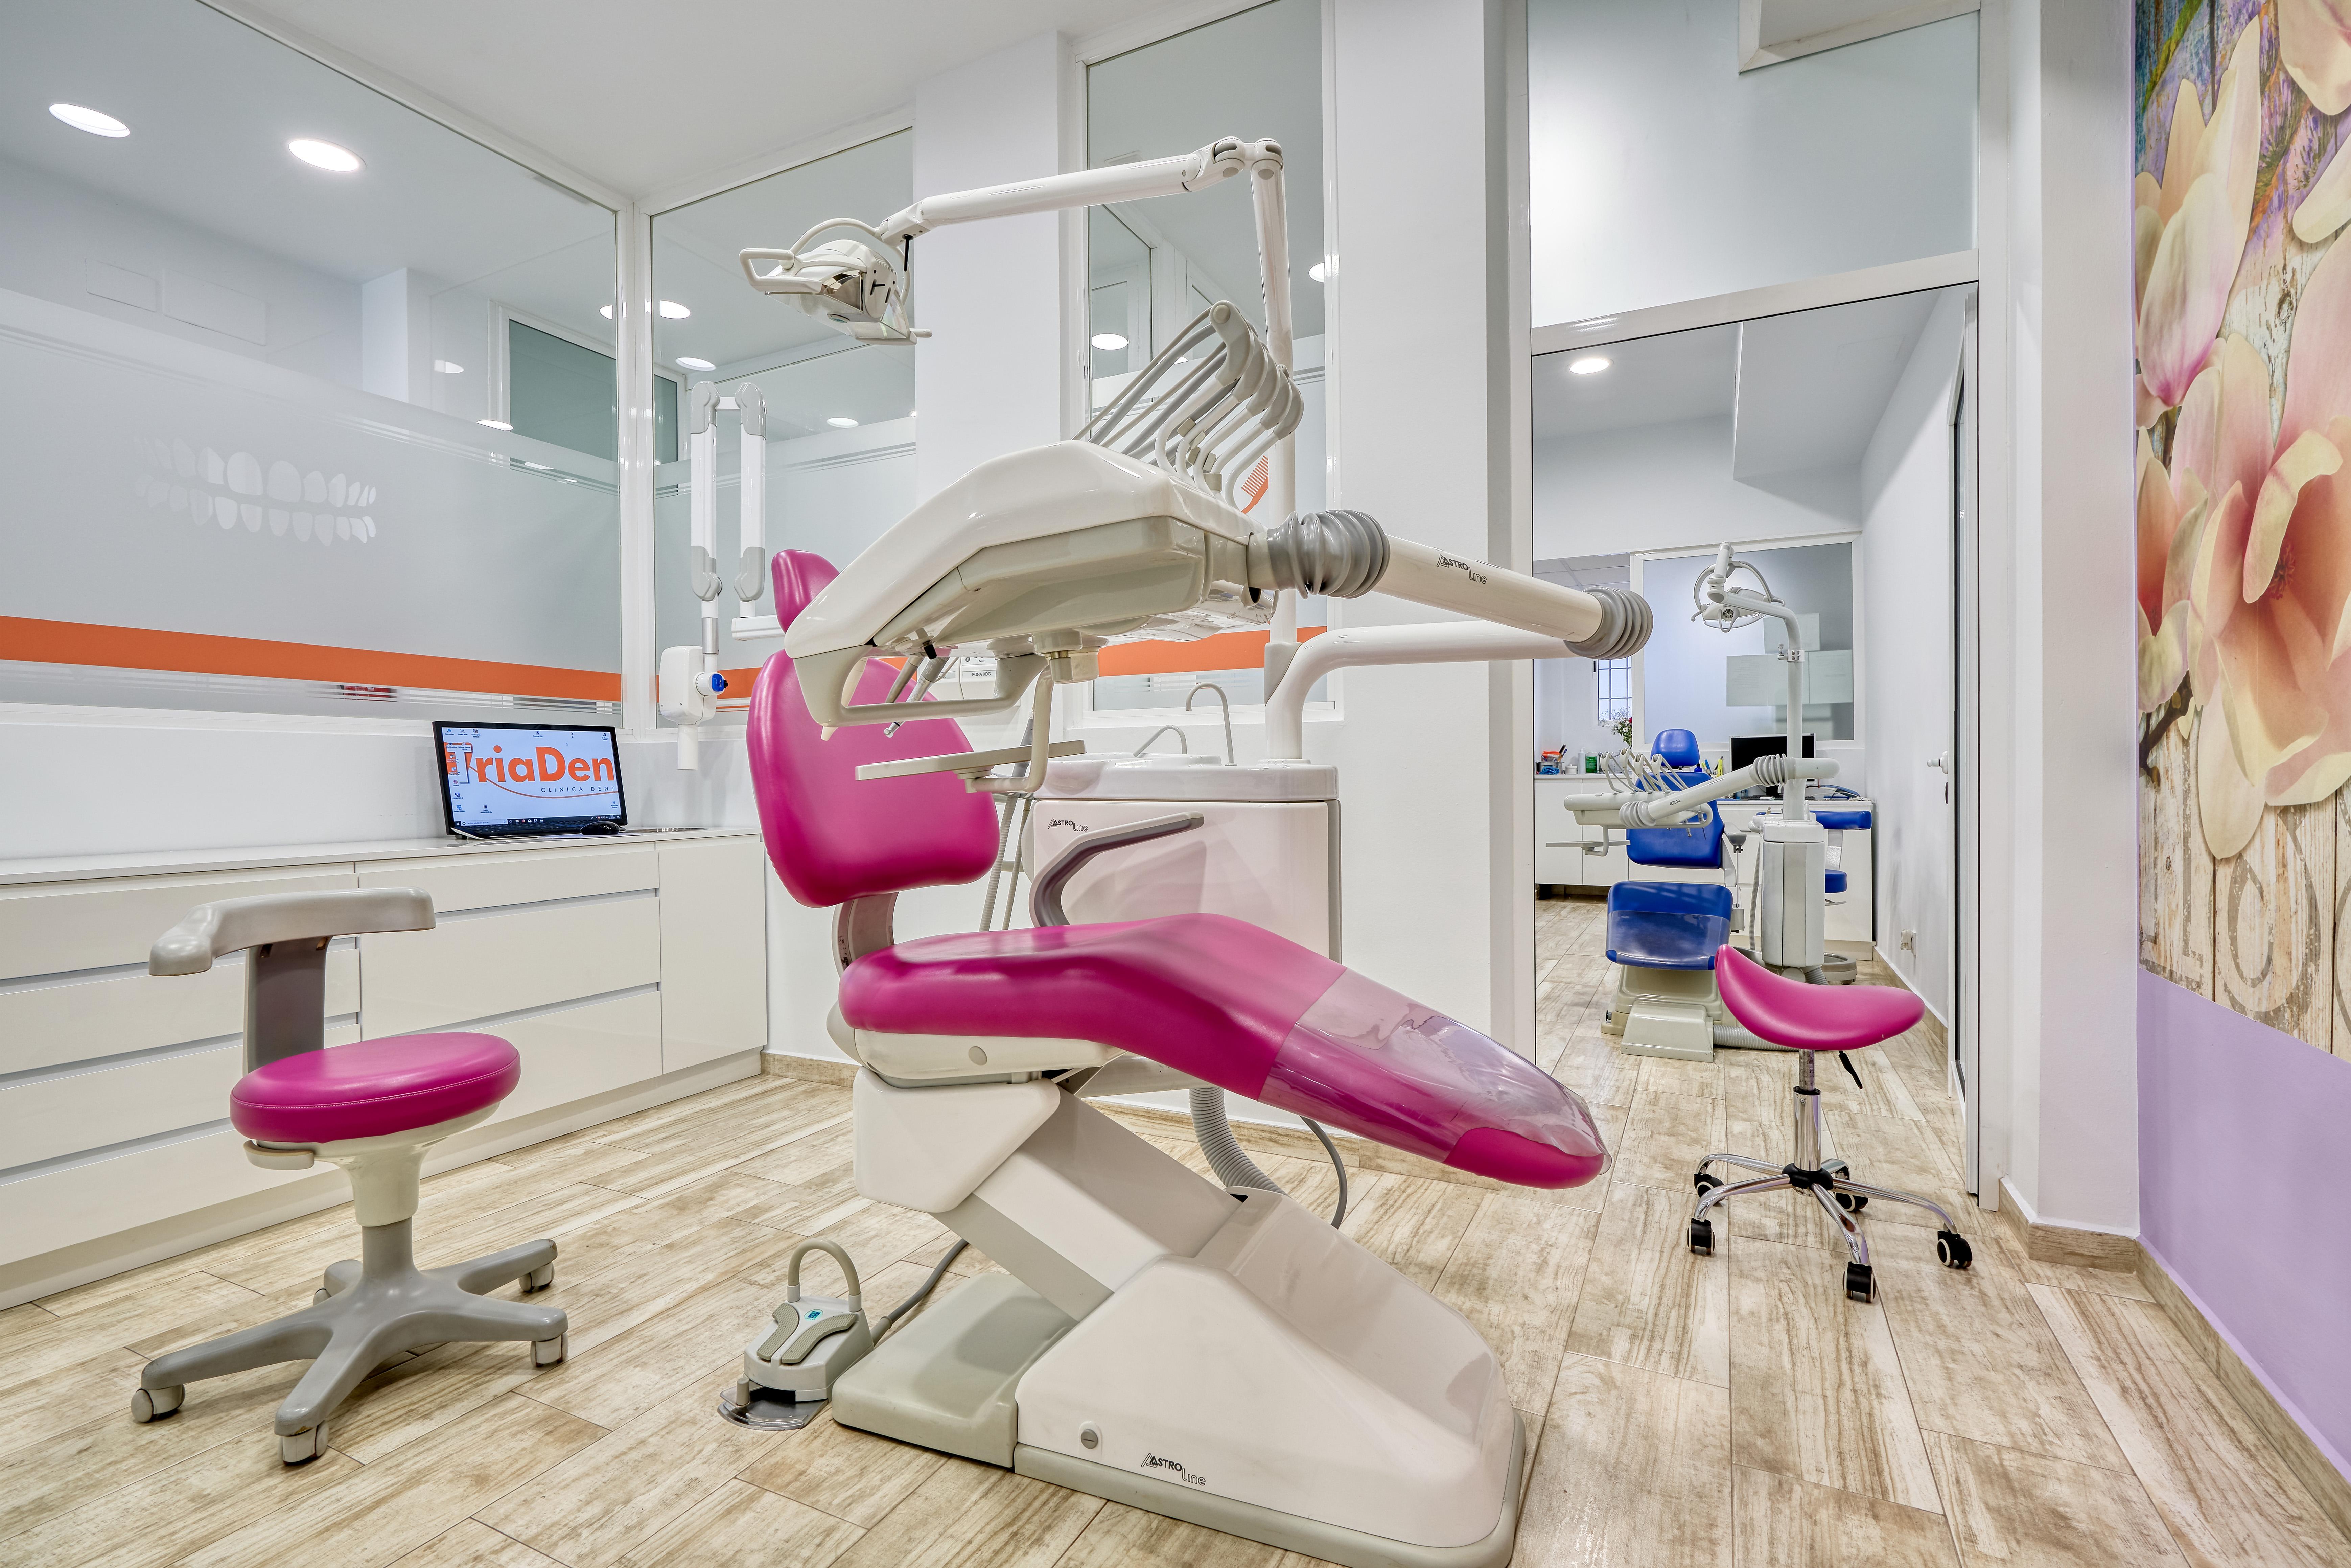 Gabinete rosa con sillón dental y mueble fijo con ordenador